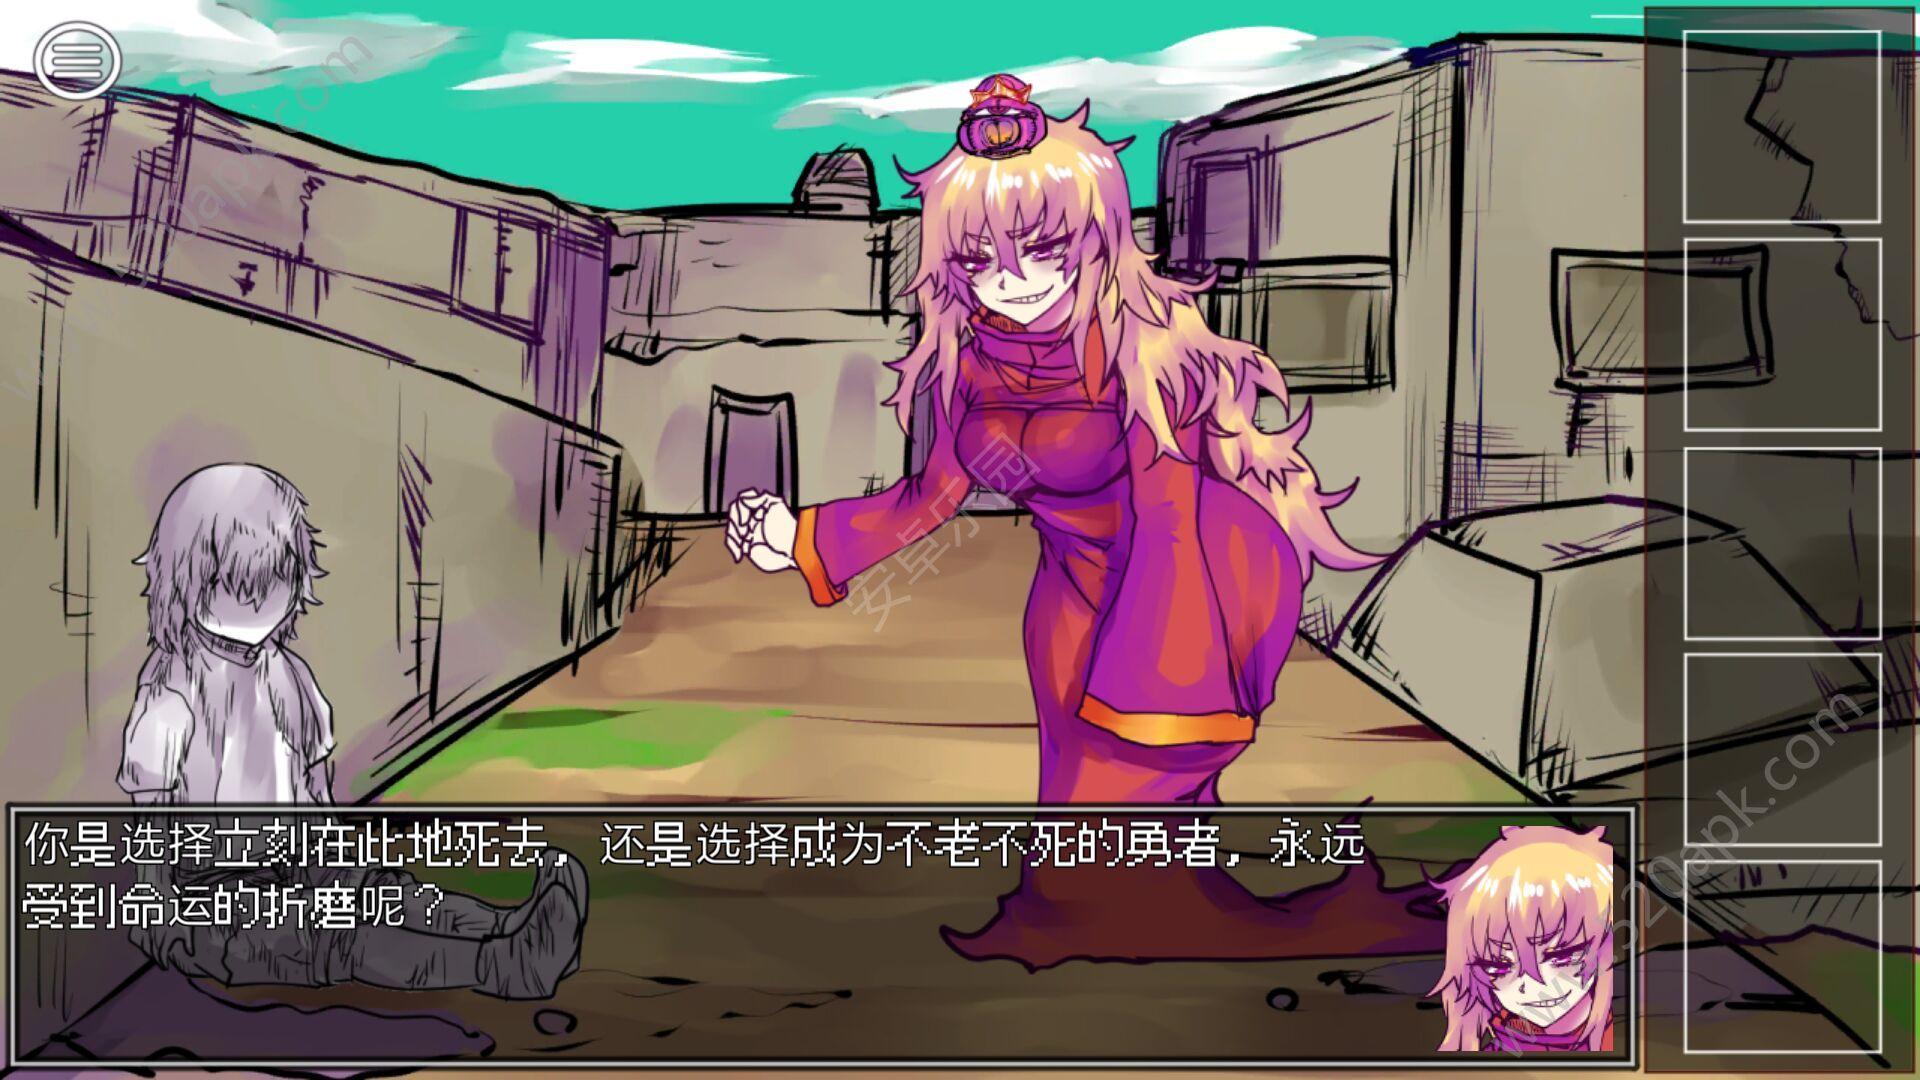 究极勇者的选择传说完美中文版图1: